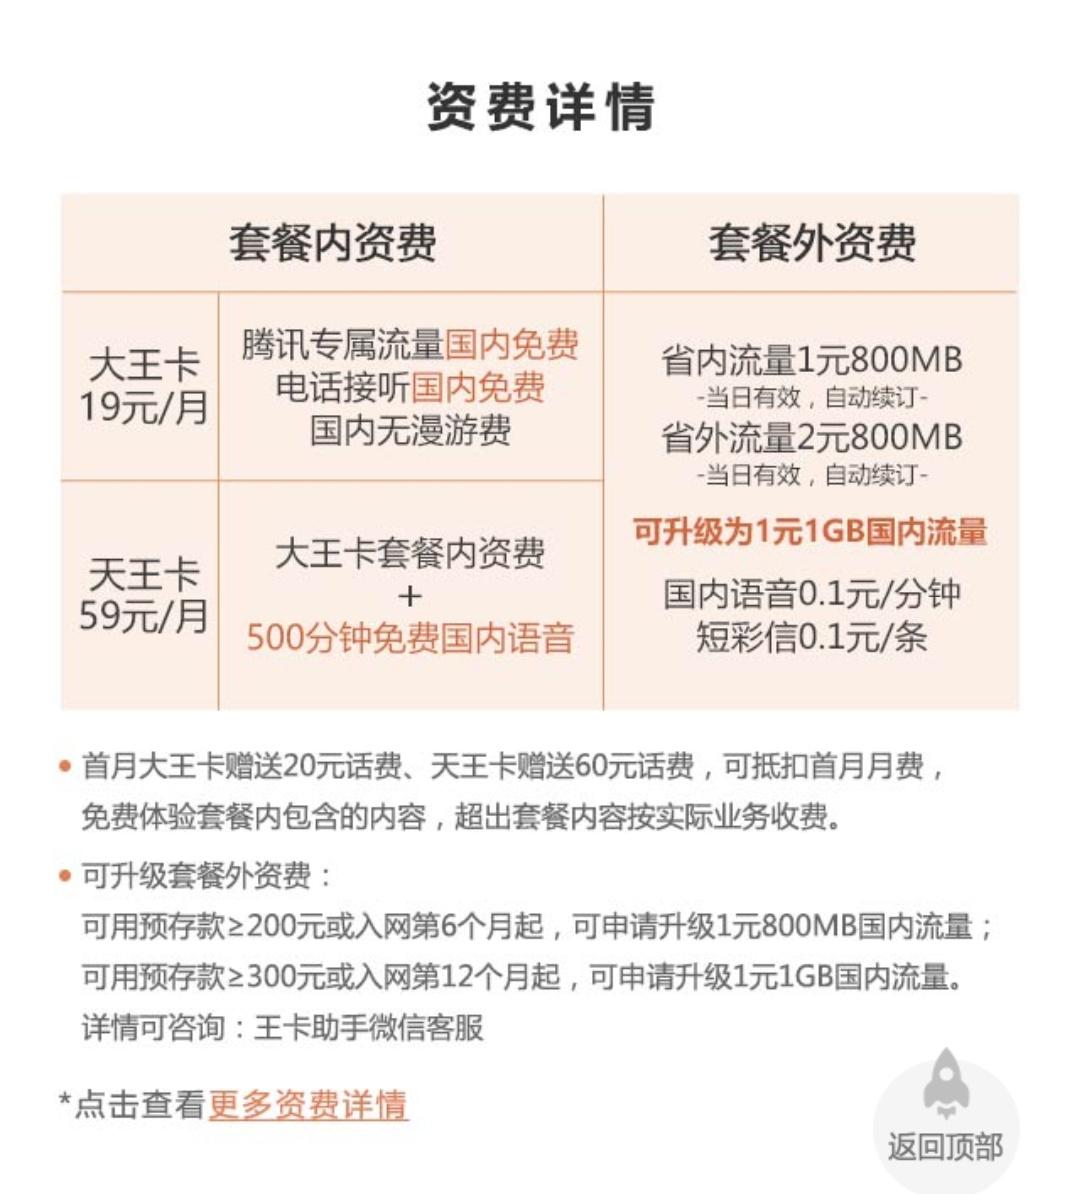 腾讯王卡福利再升级:每月免费送流量/通话 活动线报 第3张